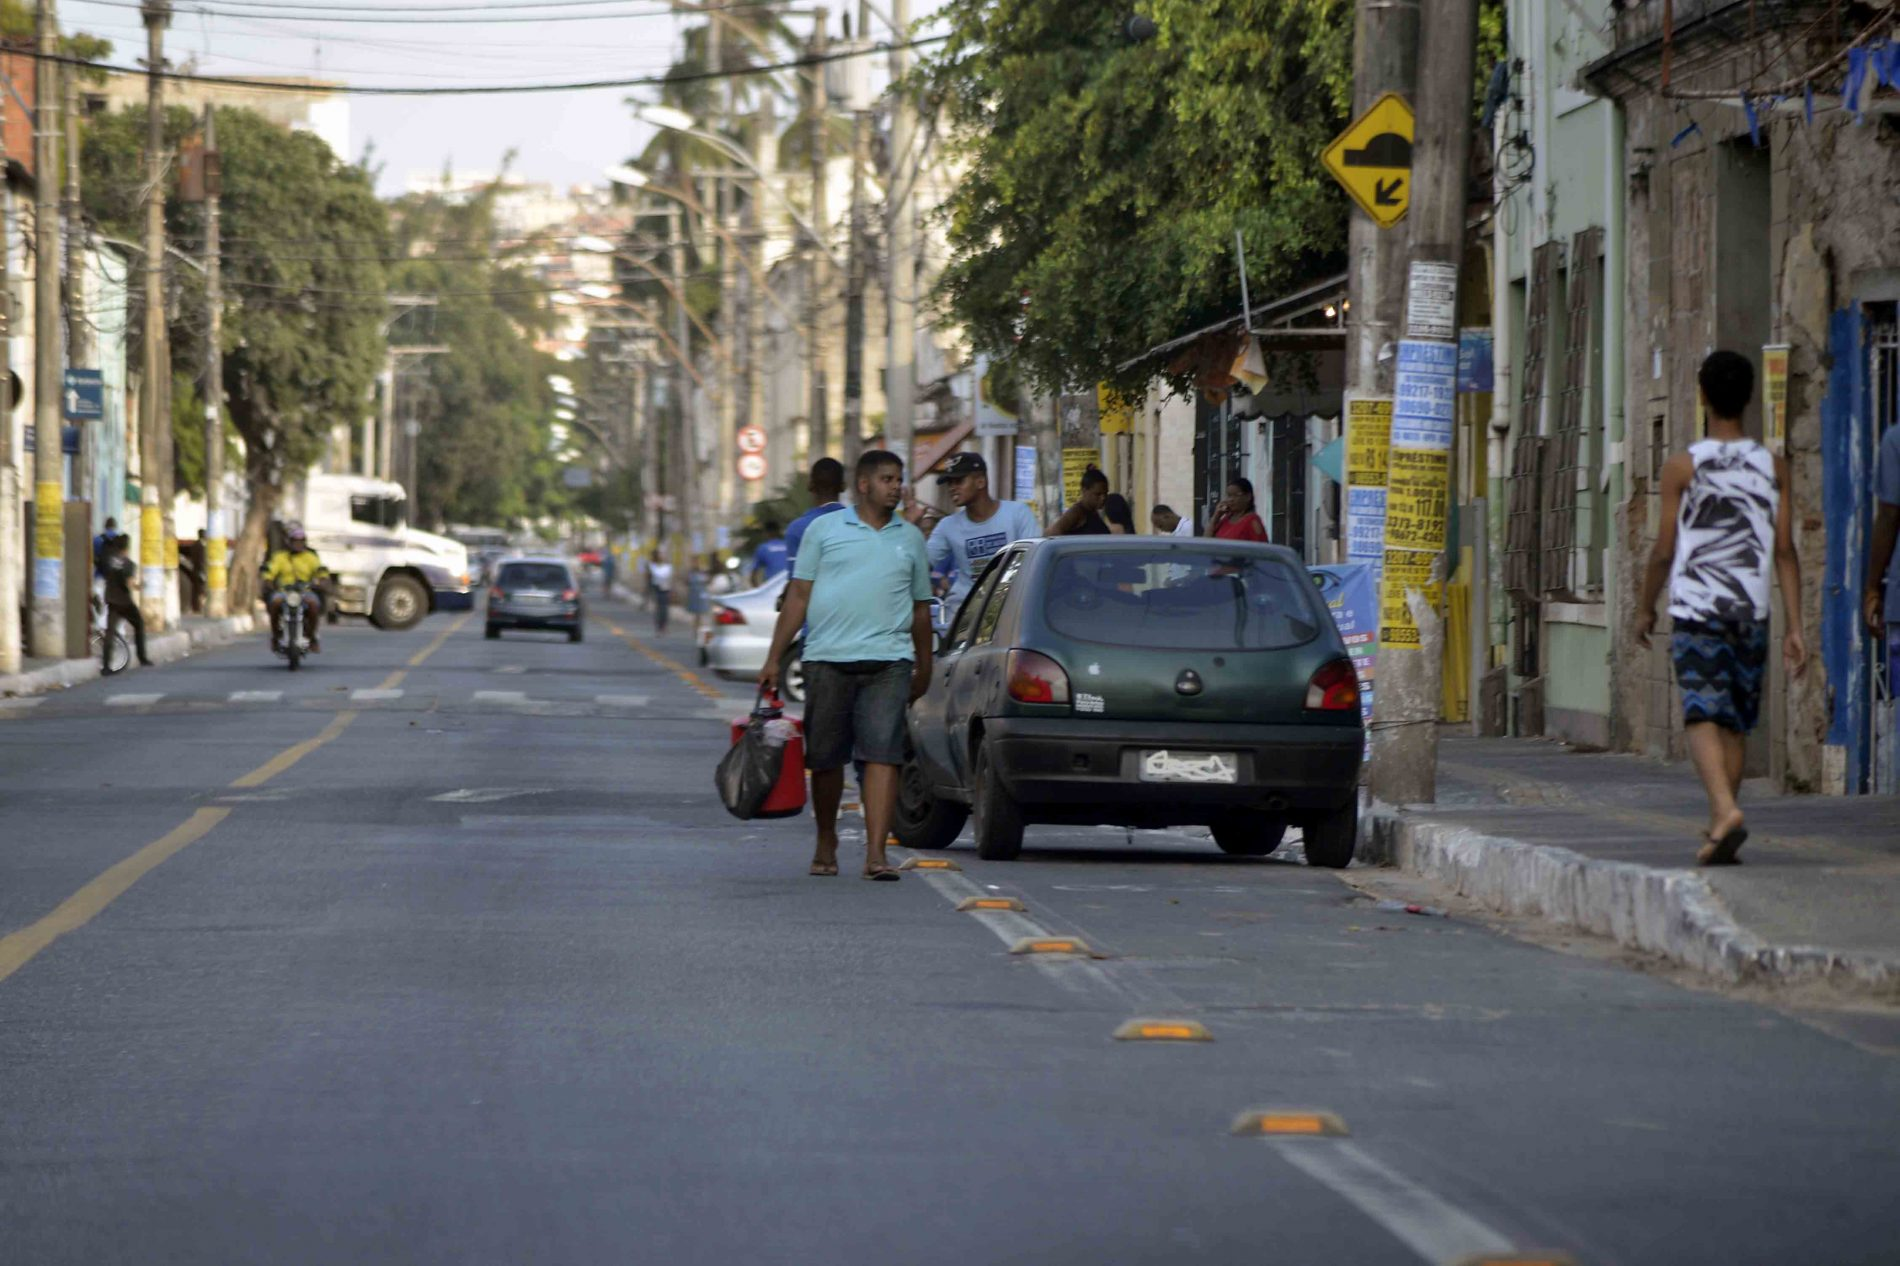 Salvador registra mais de 1,8 mil infrações por estacionamento irregular em ciclovia